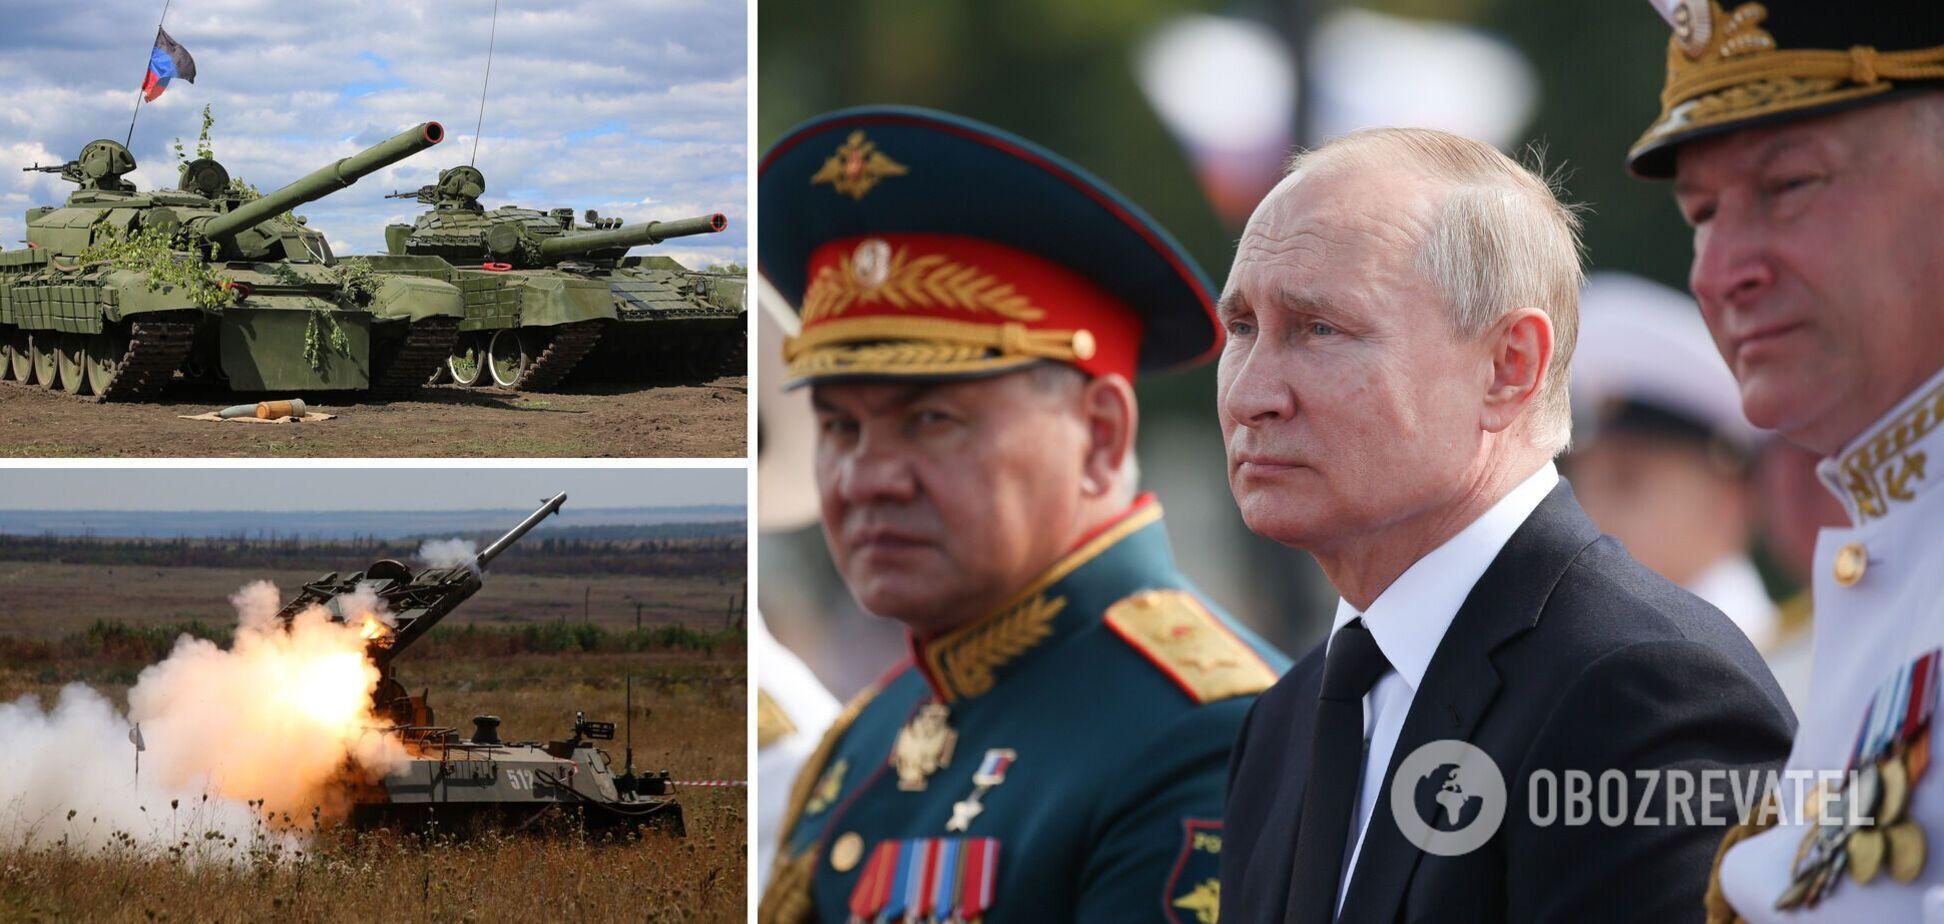 Казанский: Кремль готов на идти на большие потери на Донбассе, наемников не жалко